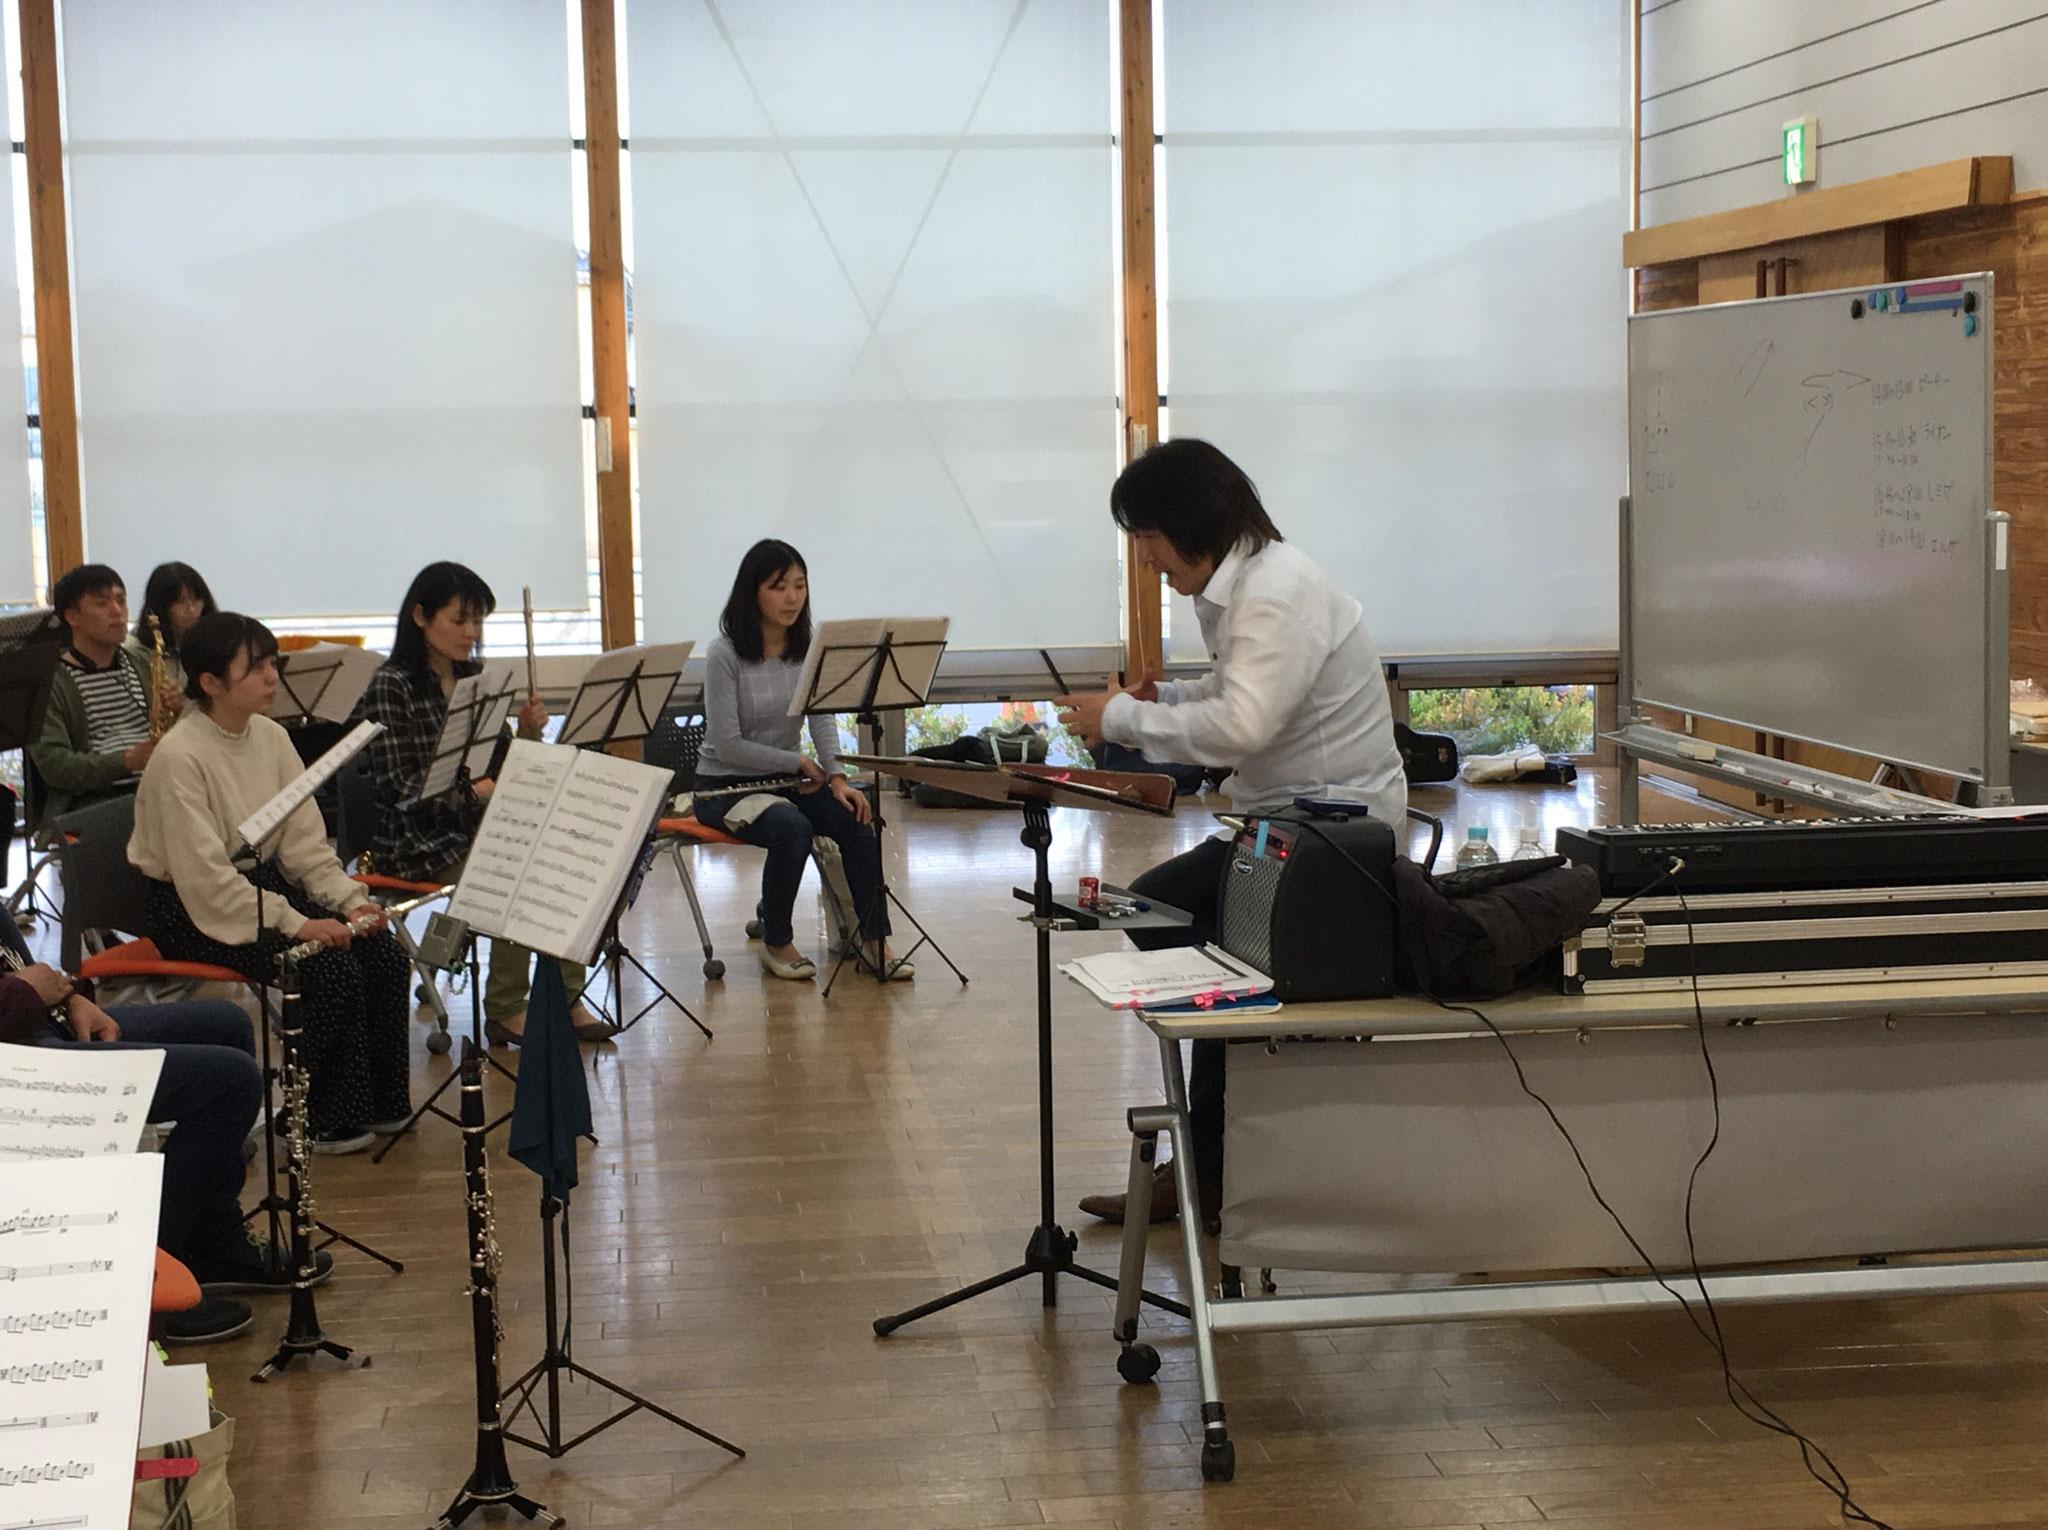 先生が目指す音楽に少しでも近づけるようにと、団員一人ひとり必死に練習に取り組んでいます。